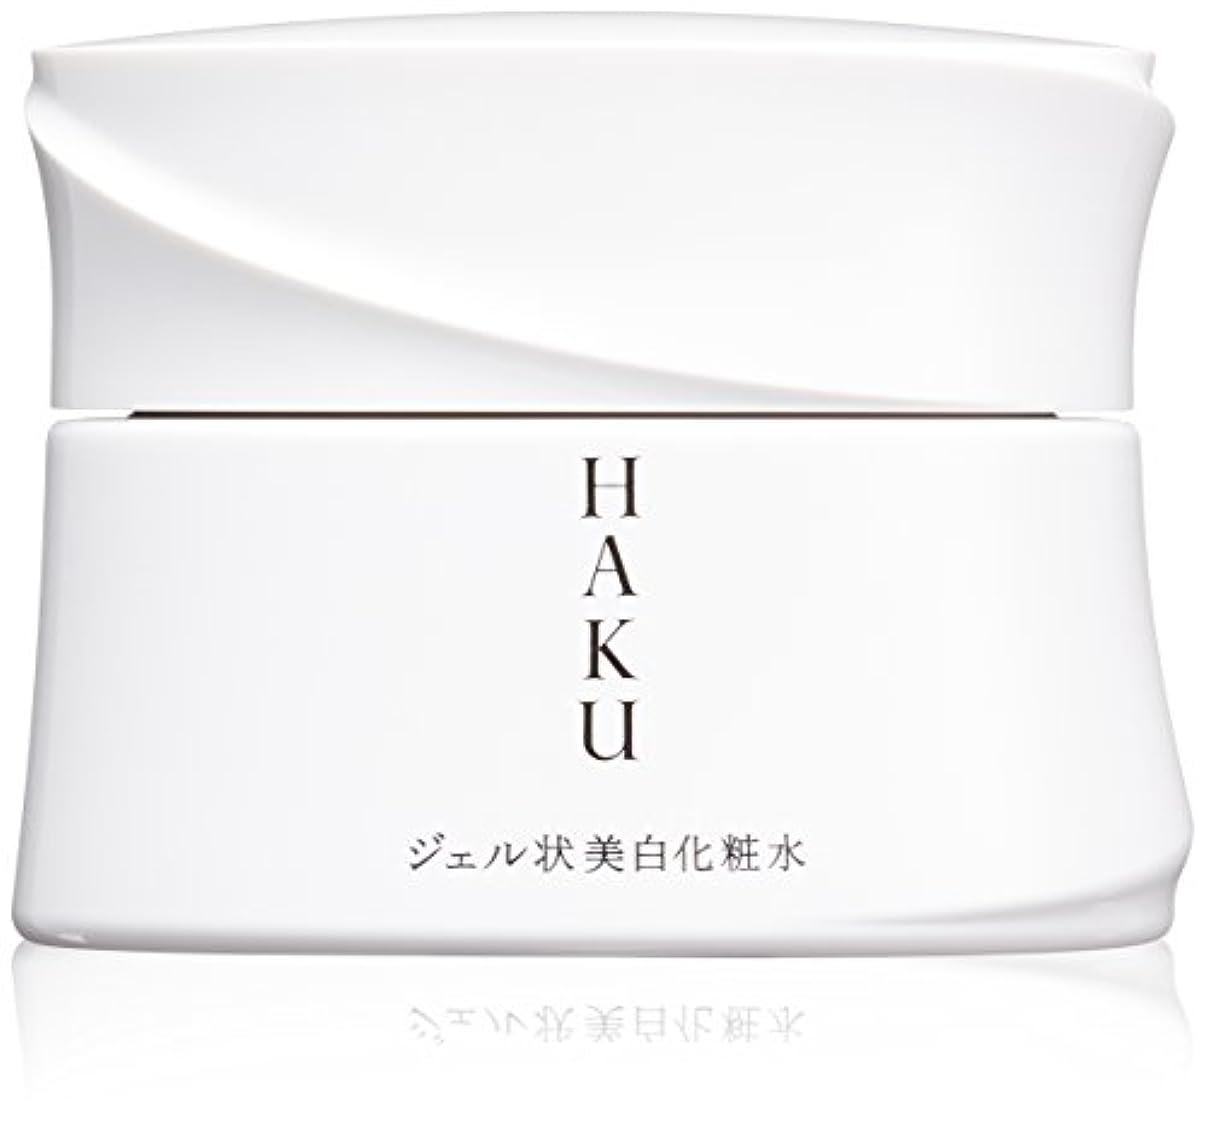 驚橋脚食品HAKU メラノディープモイスチャー 美白化粧水 100g 【医薬部外品】